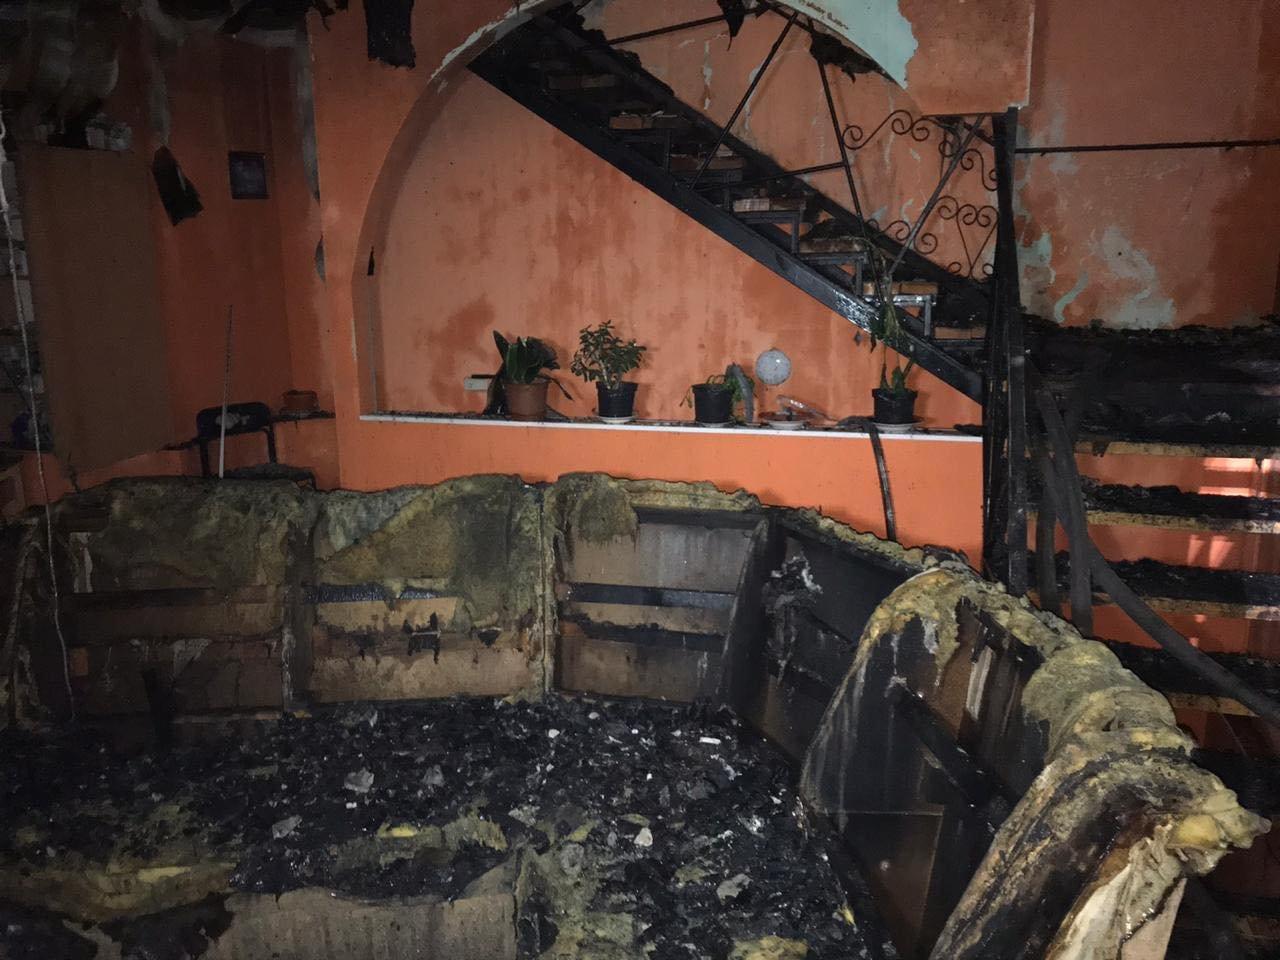 Жалоба та розслідування: що відомо про пожежу у будинку з літніми людьми у Харкові, фото-6